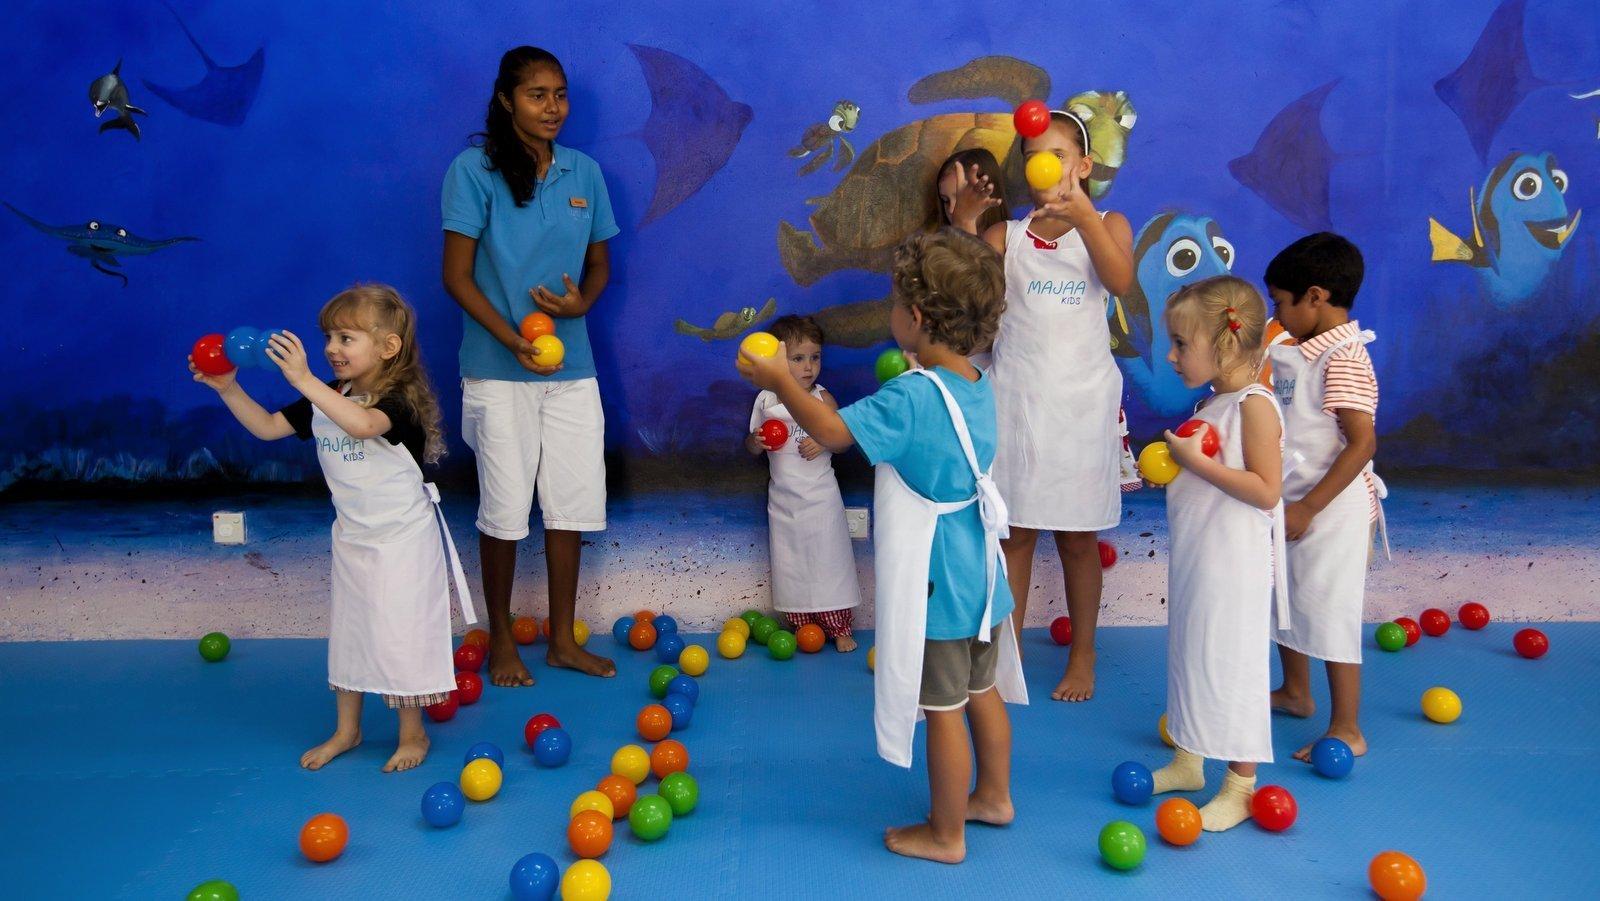 Мальдивы, отель Kurumba Maldives, детский клуб